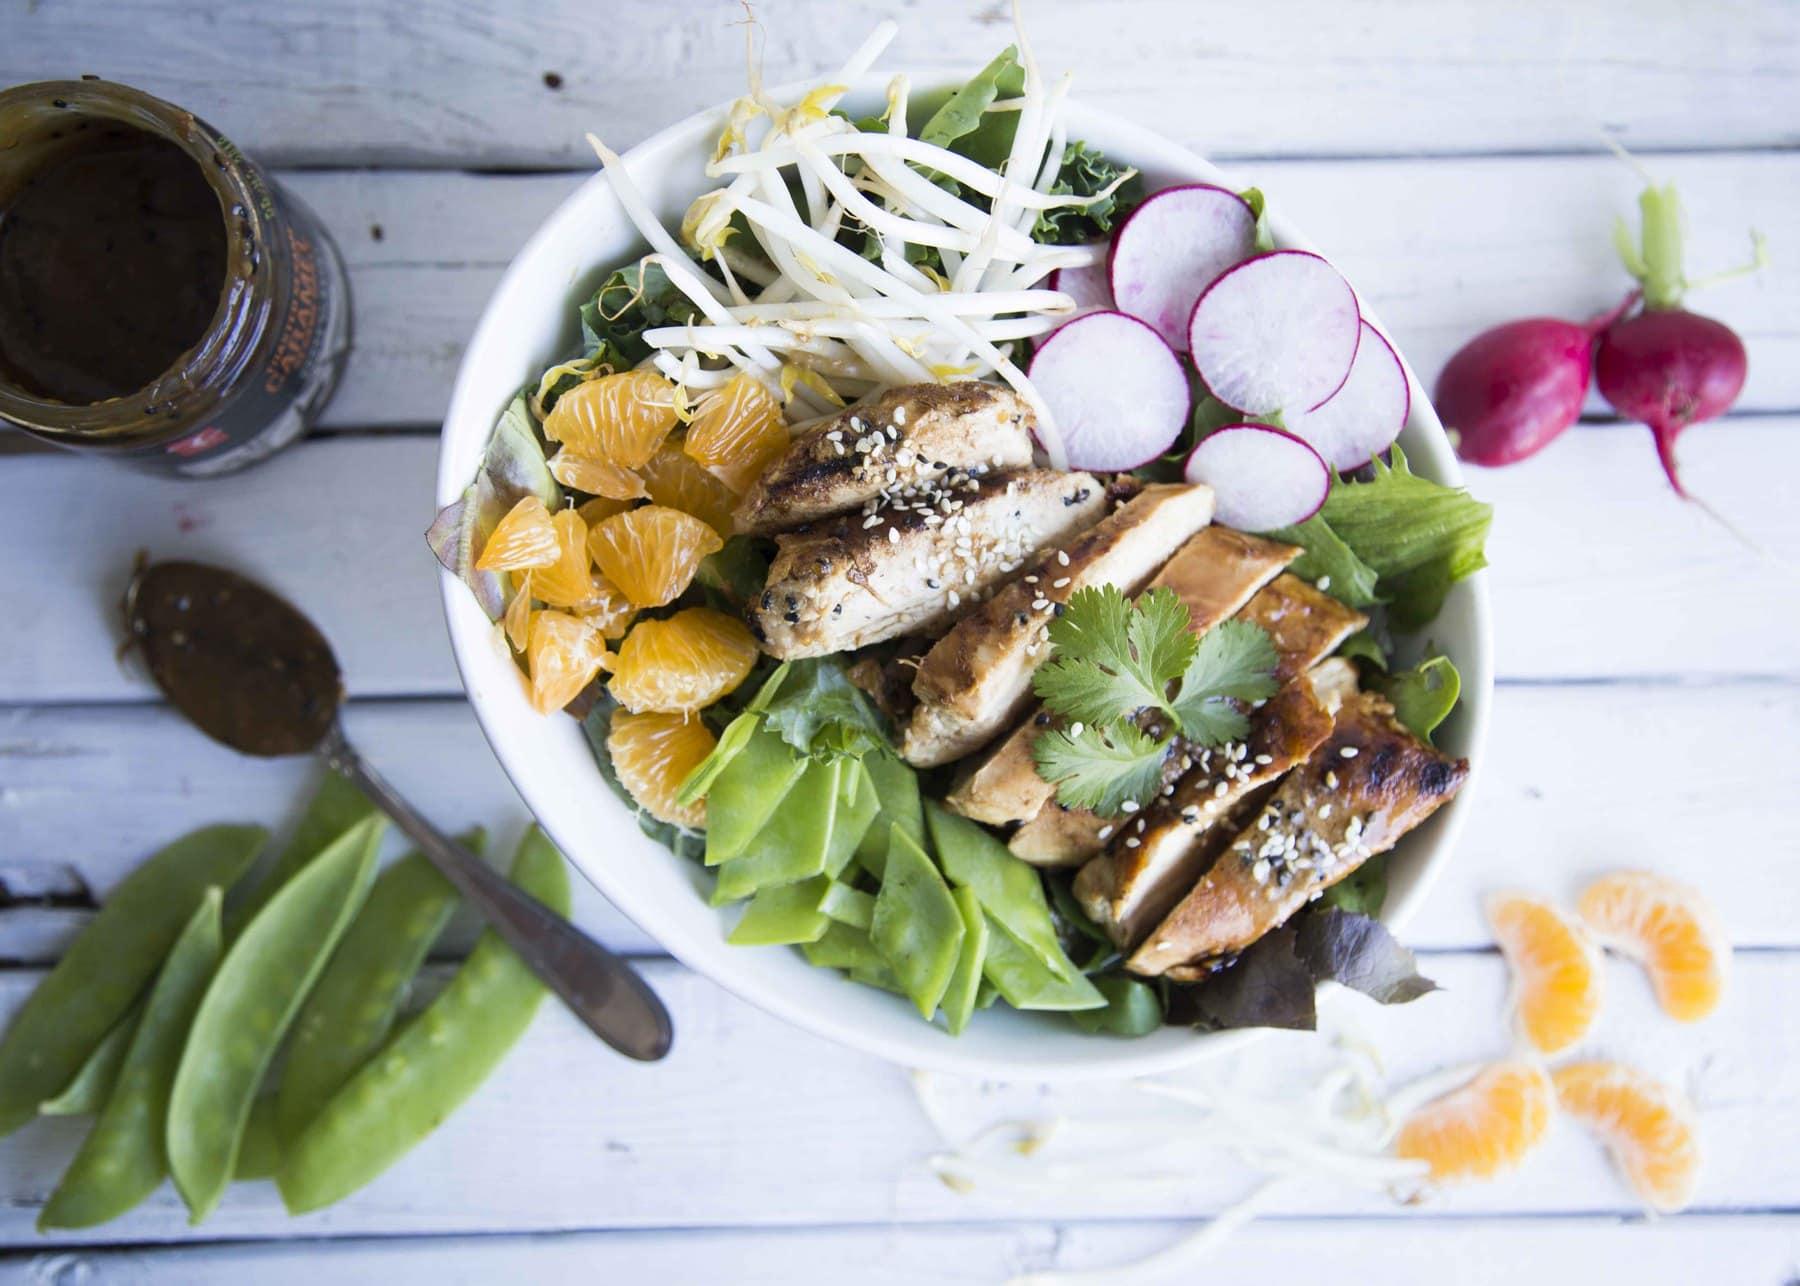 Salade au poulet grillé et sa vinaigrette à l'orange et à la sauce dessert au caramel et au sésame grillé PC Collection noire /Cinq Fourchettes